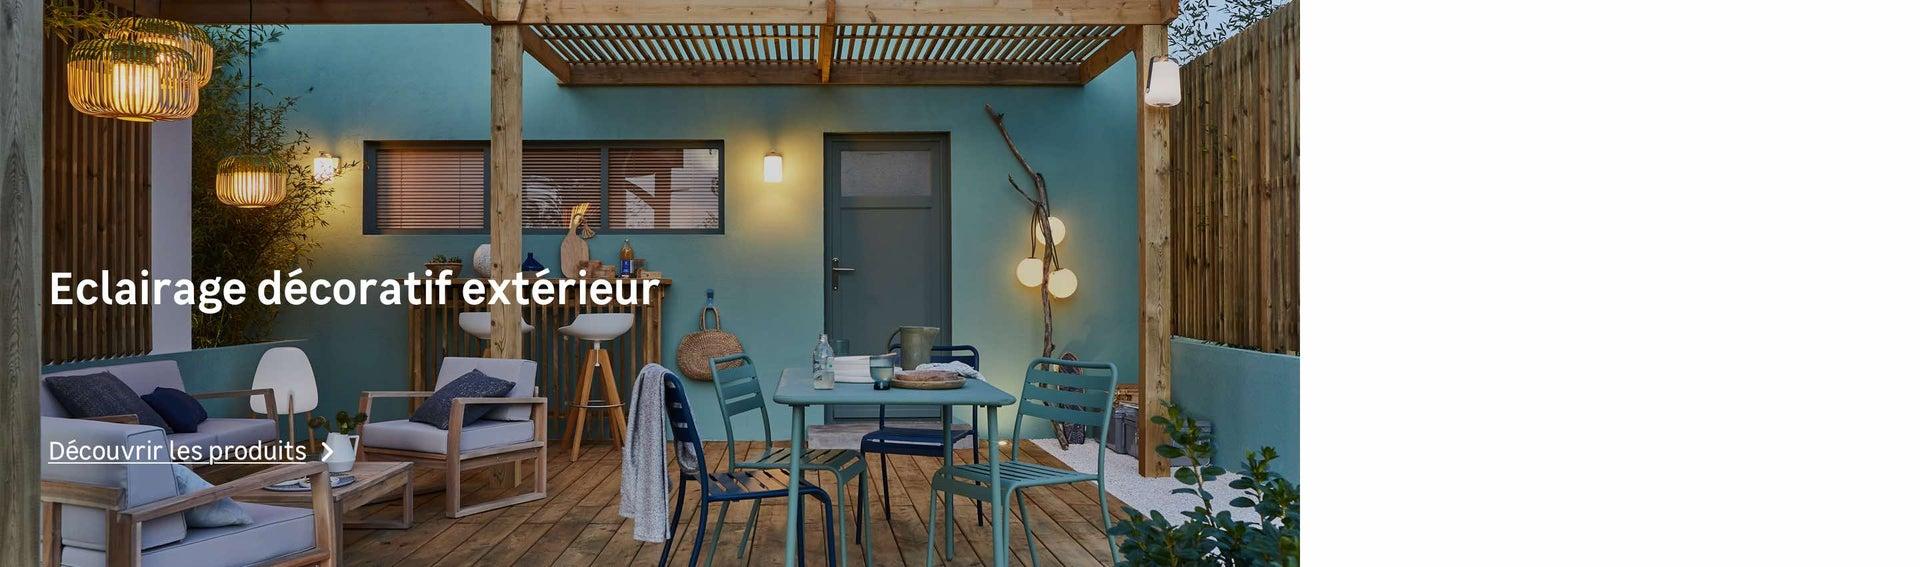 Eclairage De Terrasse Exterieur eclairage extérieur, luminaire jardin, lampe led, solaire